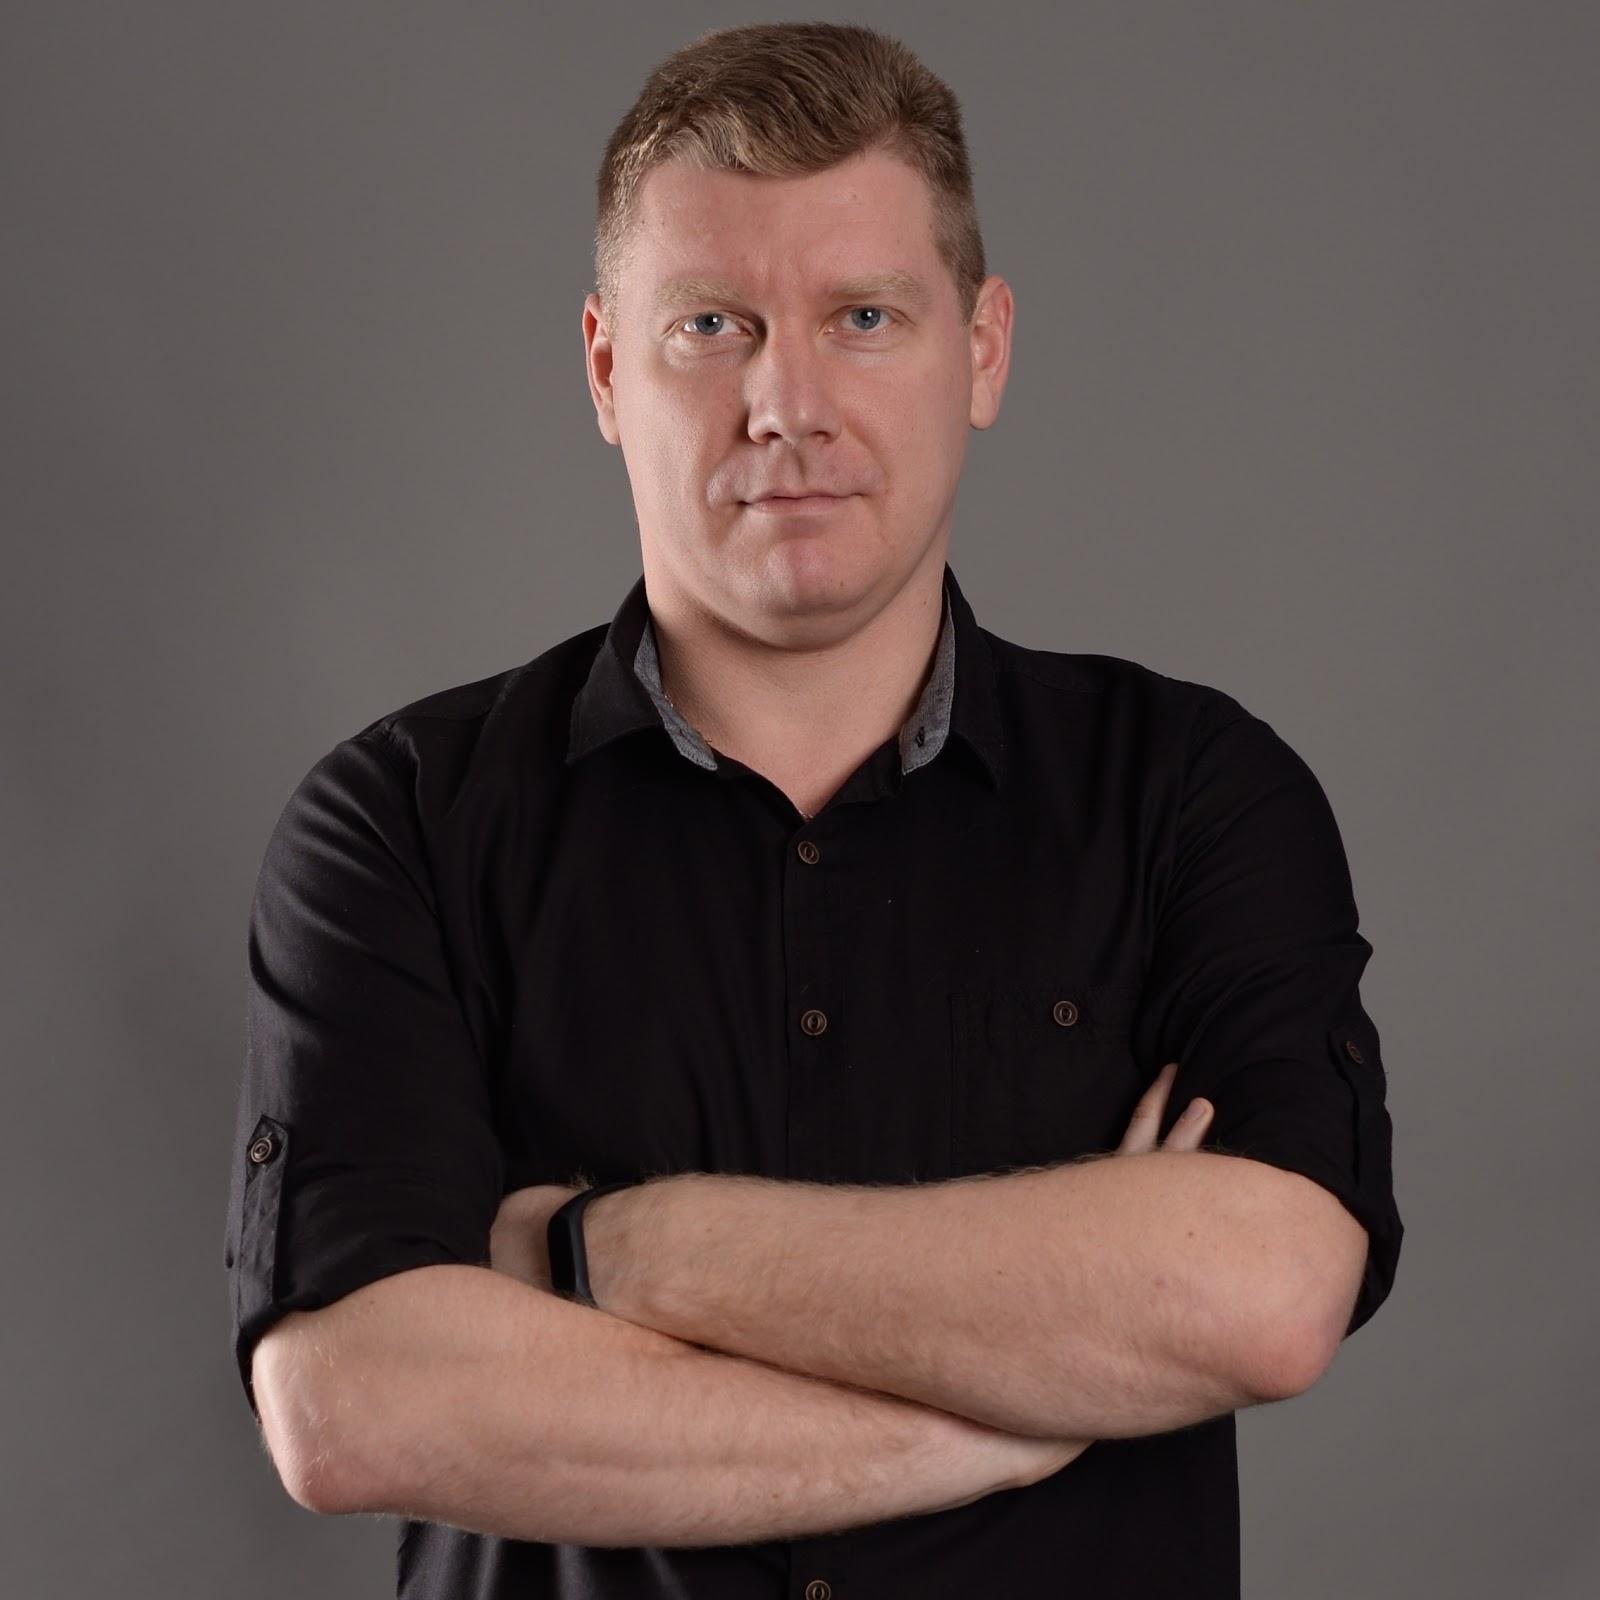 Денис Зернышкин, основатель компании Gravitec.net